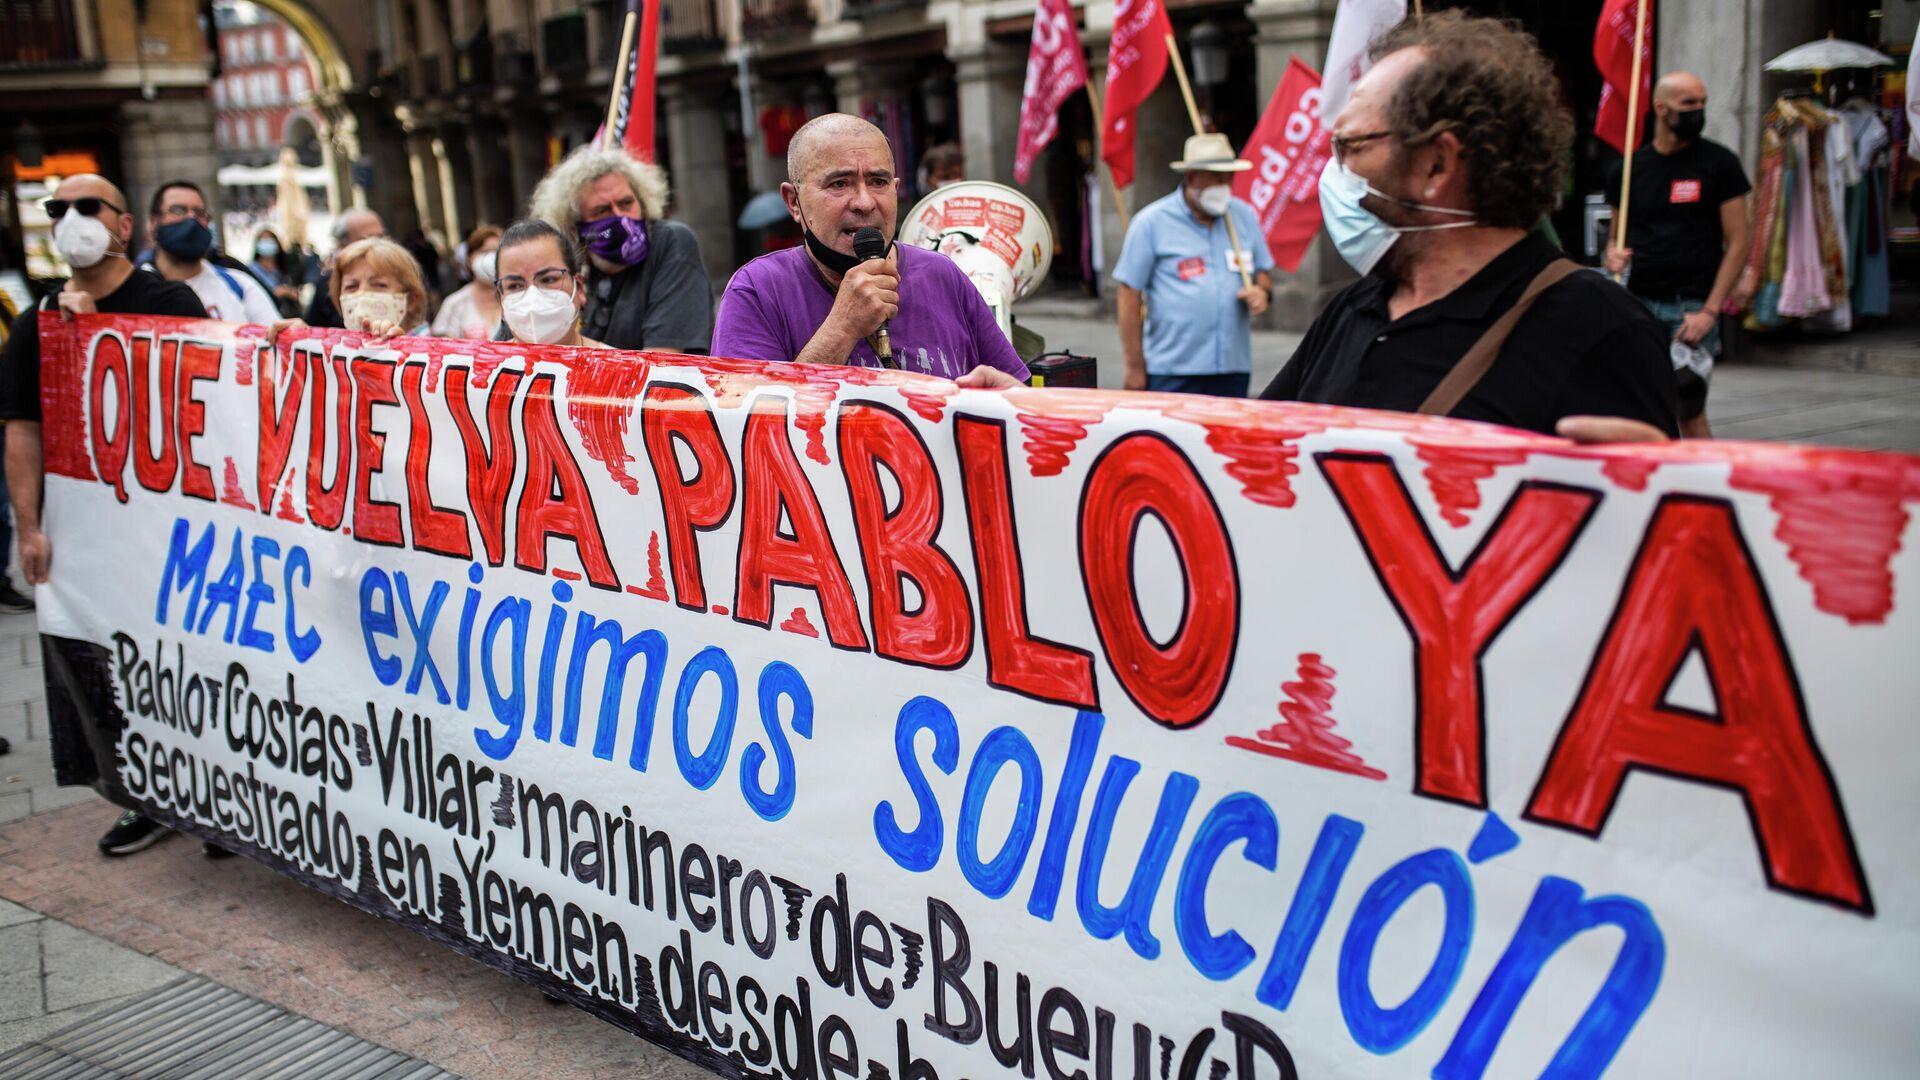 Protesta por la liberación de Pablo Costas Villar en Madrid - Sputnik Mundo, 1920, 04.08.2021